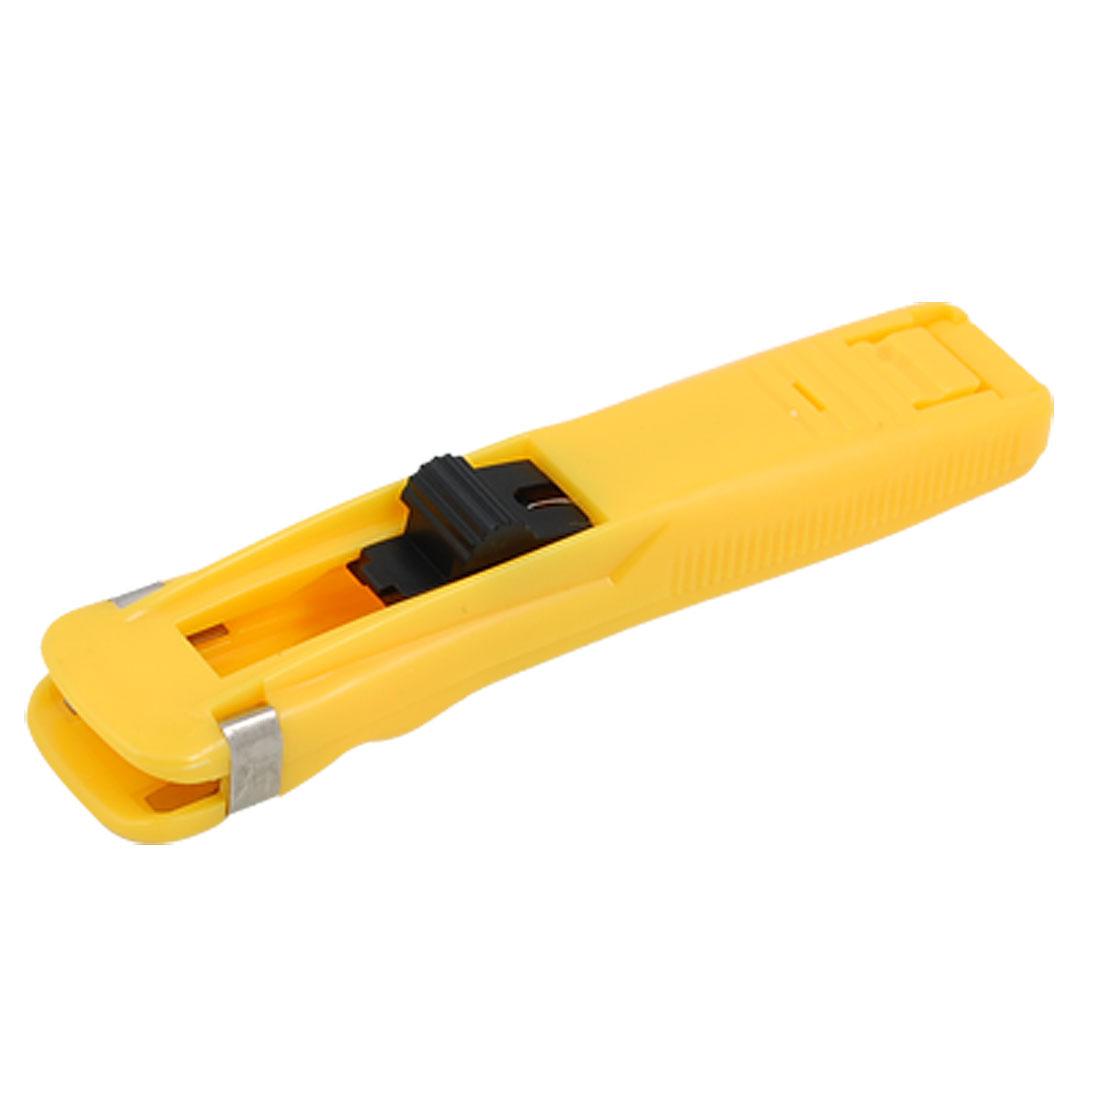 Yellow Plastic Handheld Medium Size Fast Clam Clip Stapler Dispenser